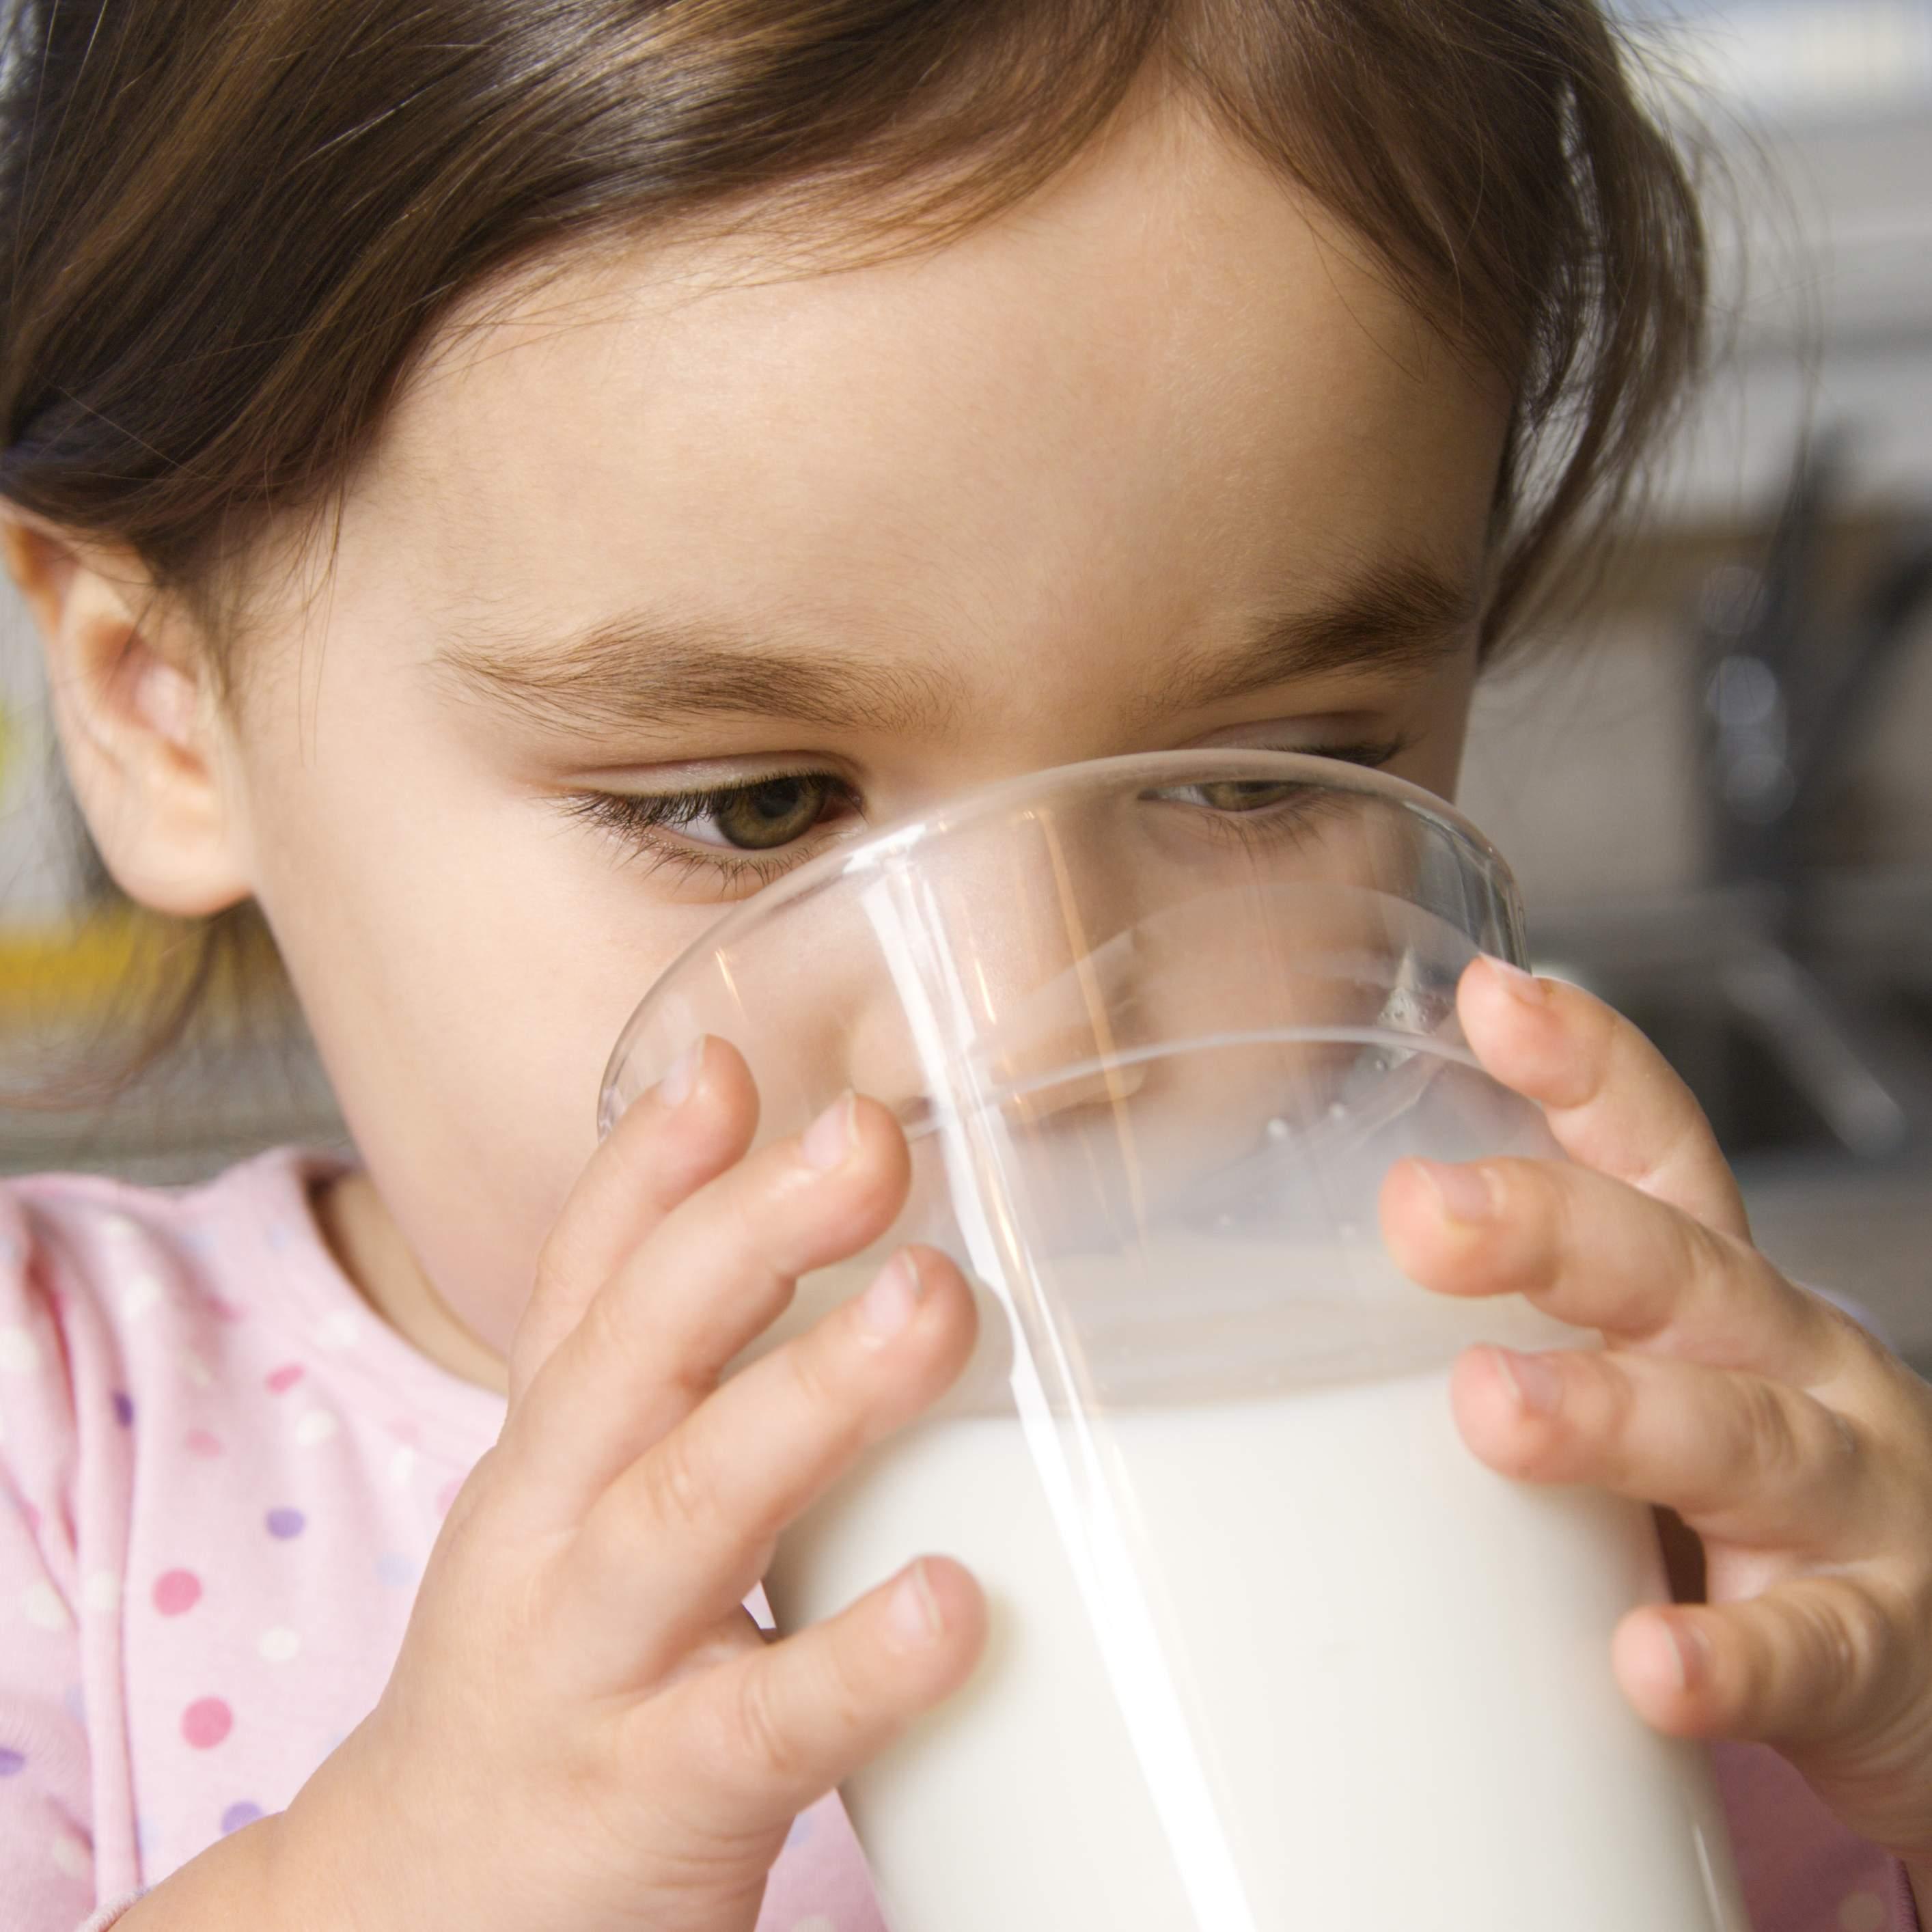 Фото девушка пьет молоко 14 фотография